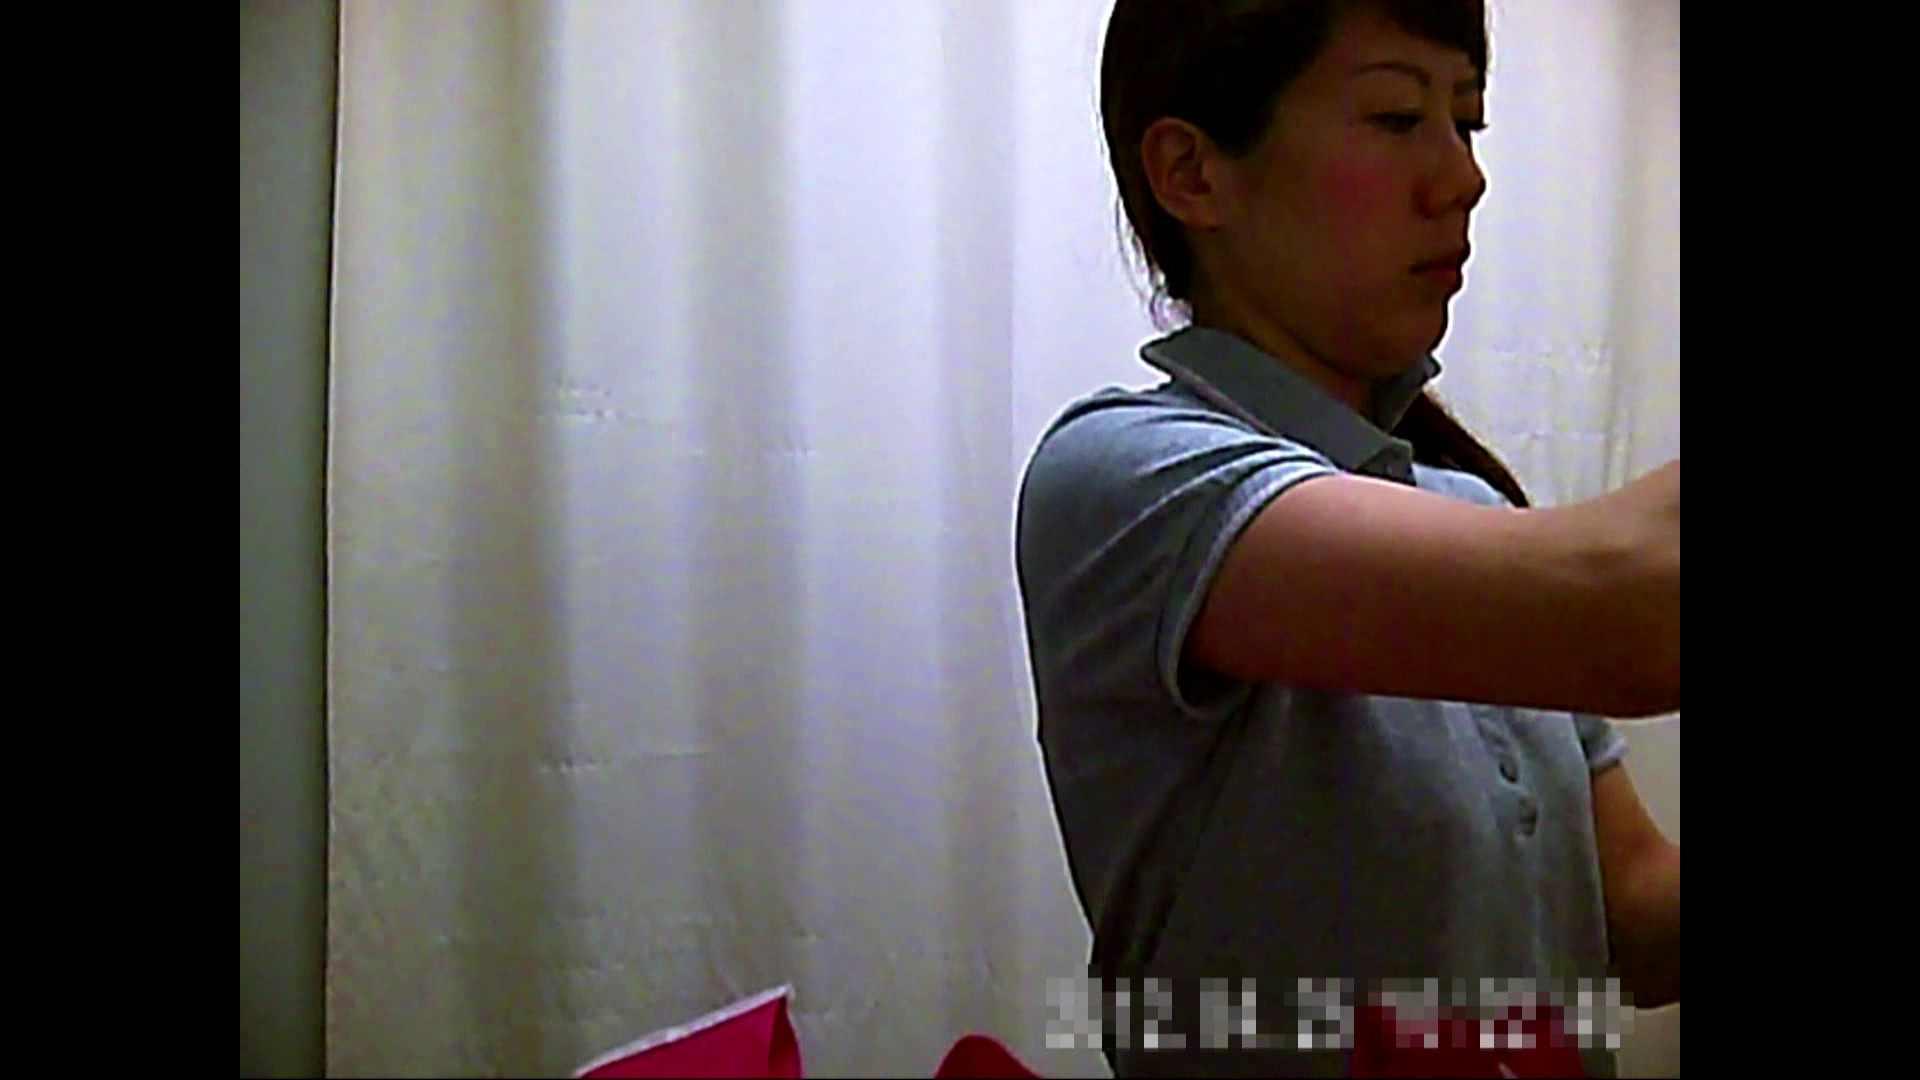 元医者による反抗 更衣室地獄絵巻 vol.009 ギャル攻め アダルト動画キャプチャ 97画像 53